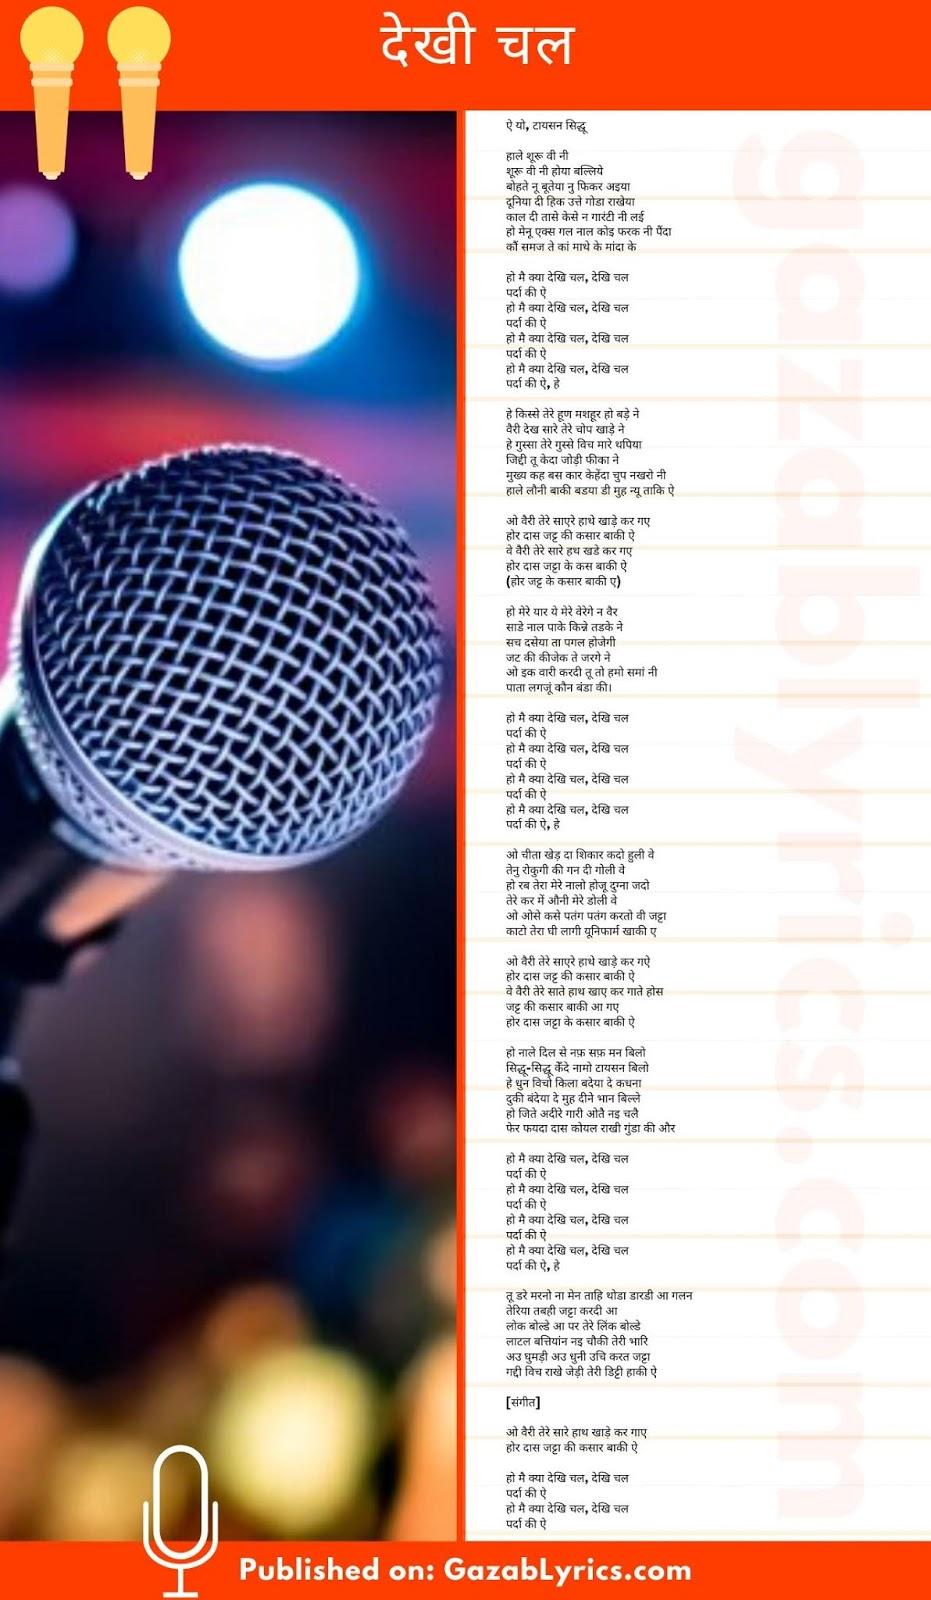 Dekhi Chal song lyrics image